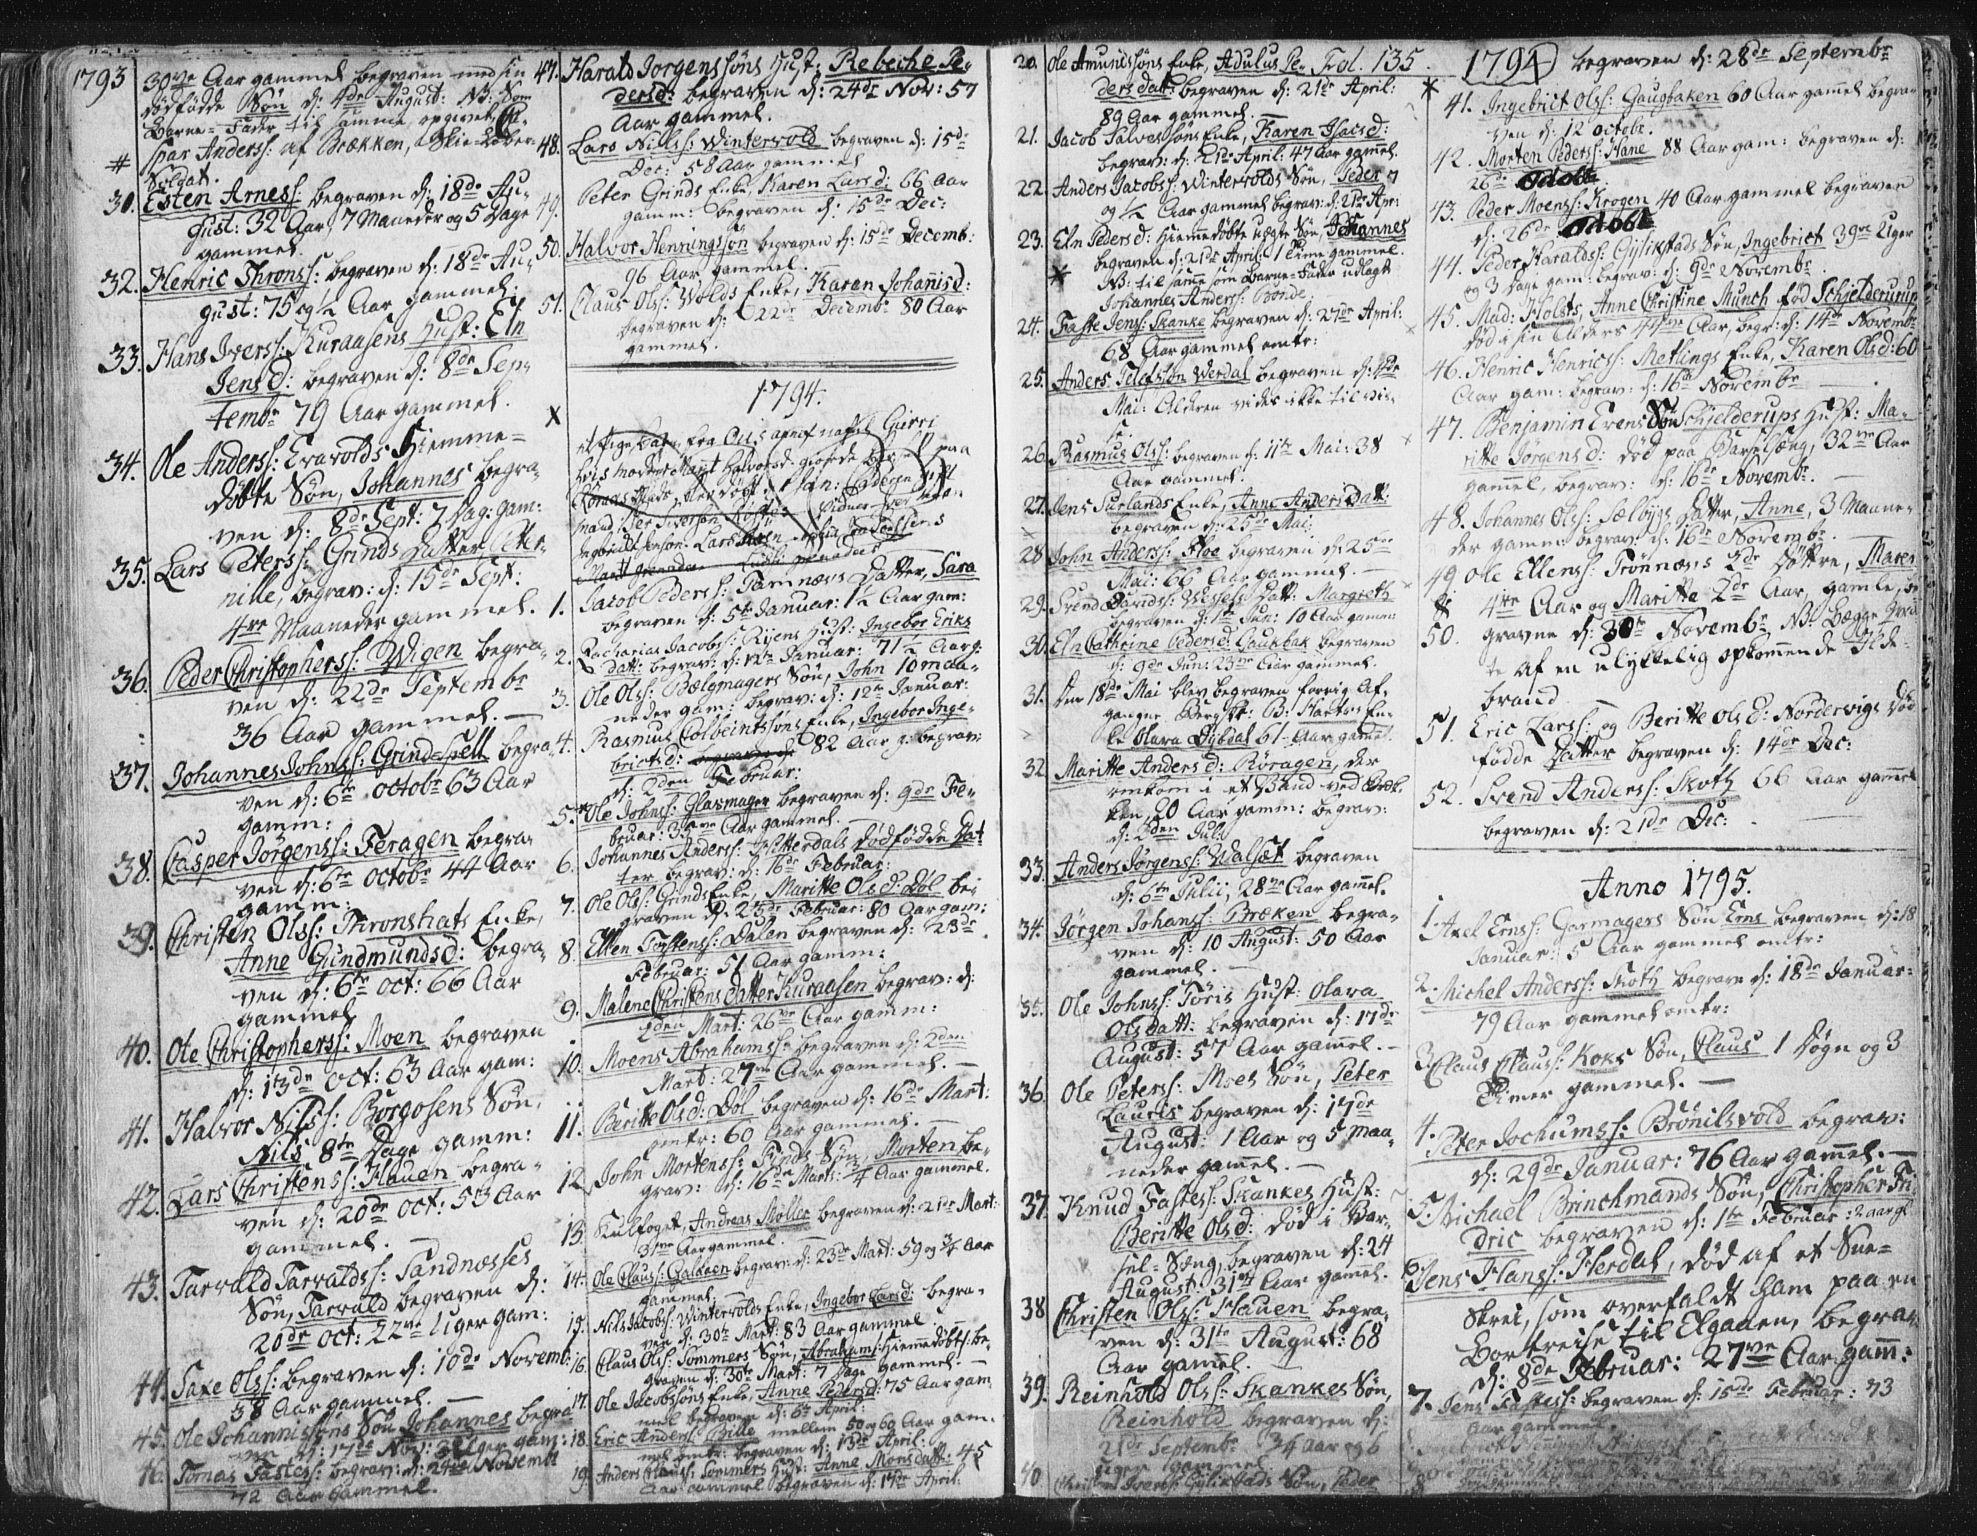 SAT, Ministerialprotokoller, klokkerbøker og fødselsregistre - Sør-Trøndelag, 681/L0926: Ministerialbok nr. 681A04, 1767-1797, s. 135